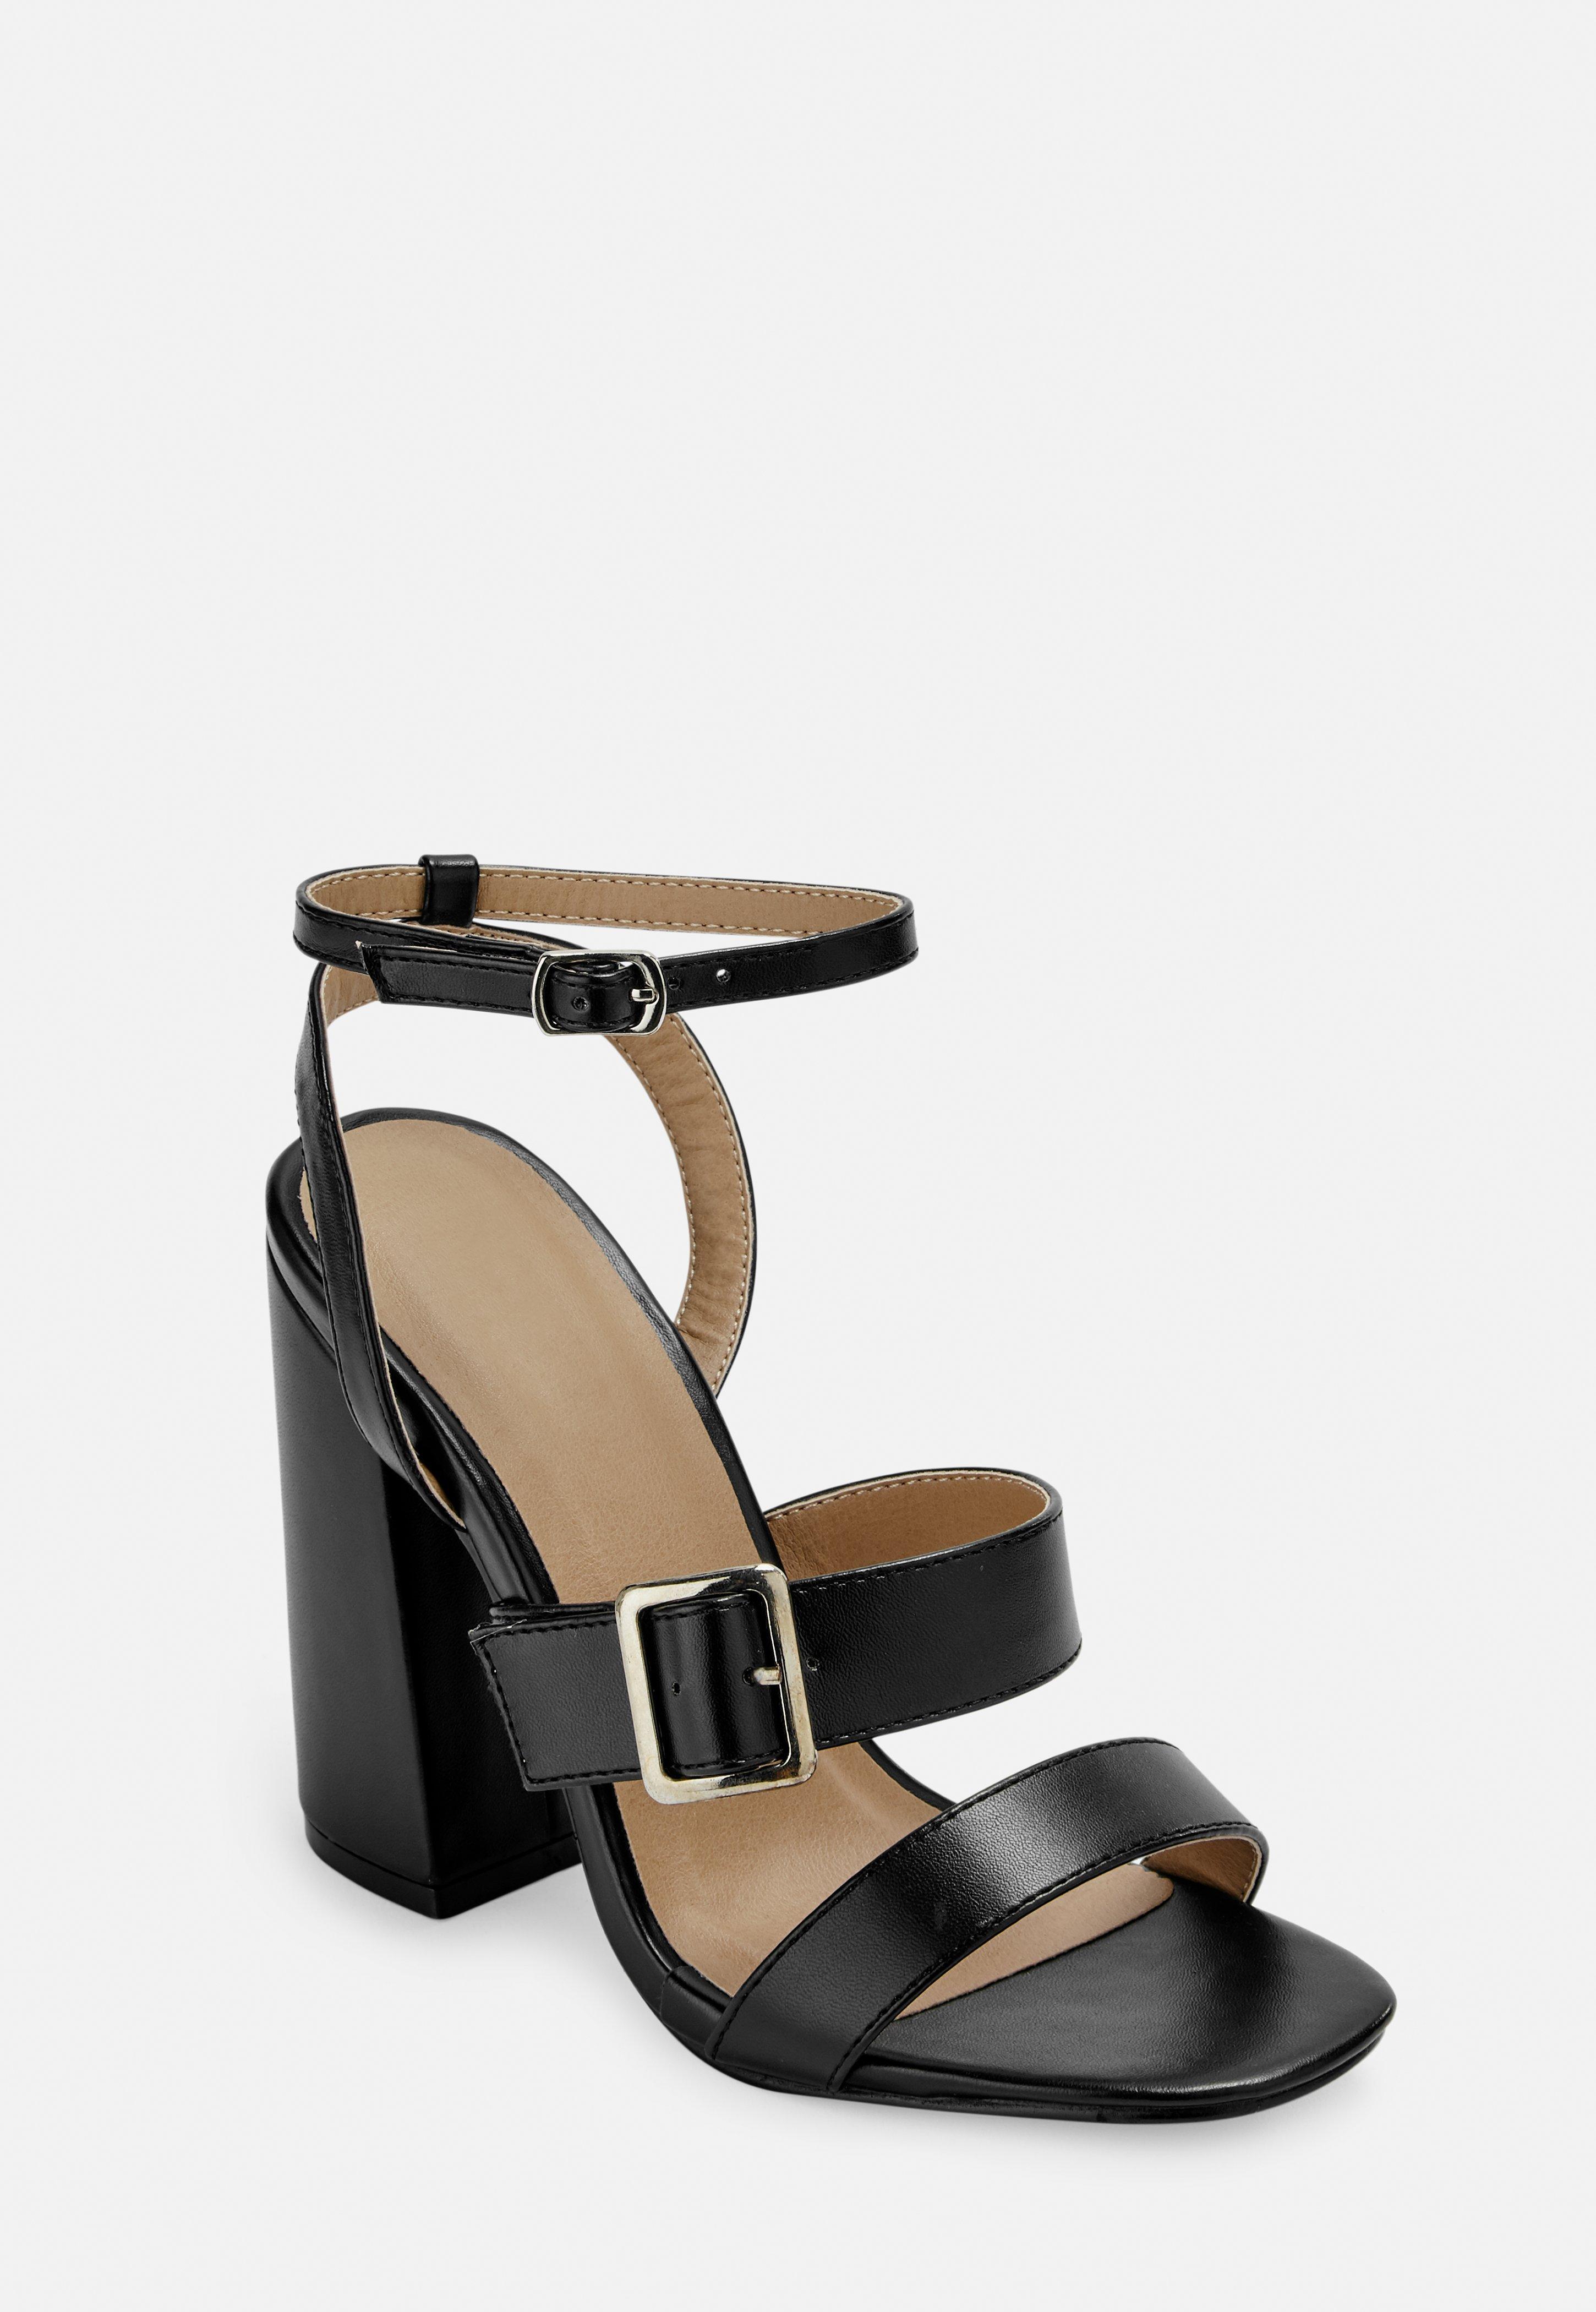 8d654877e8 Block Heels | Chunky Heels & Block Heel Sandals - Missguided